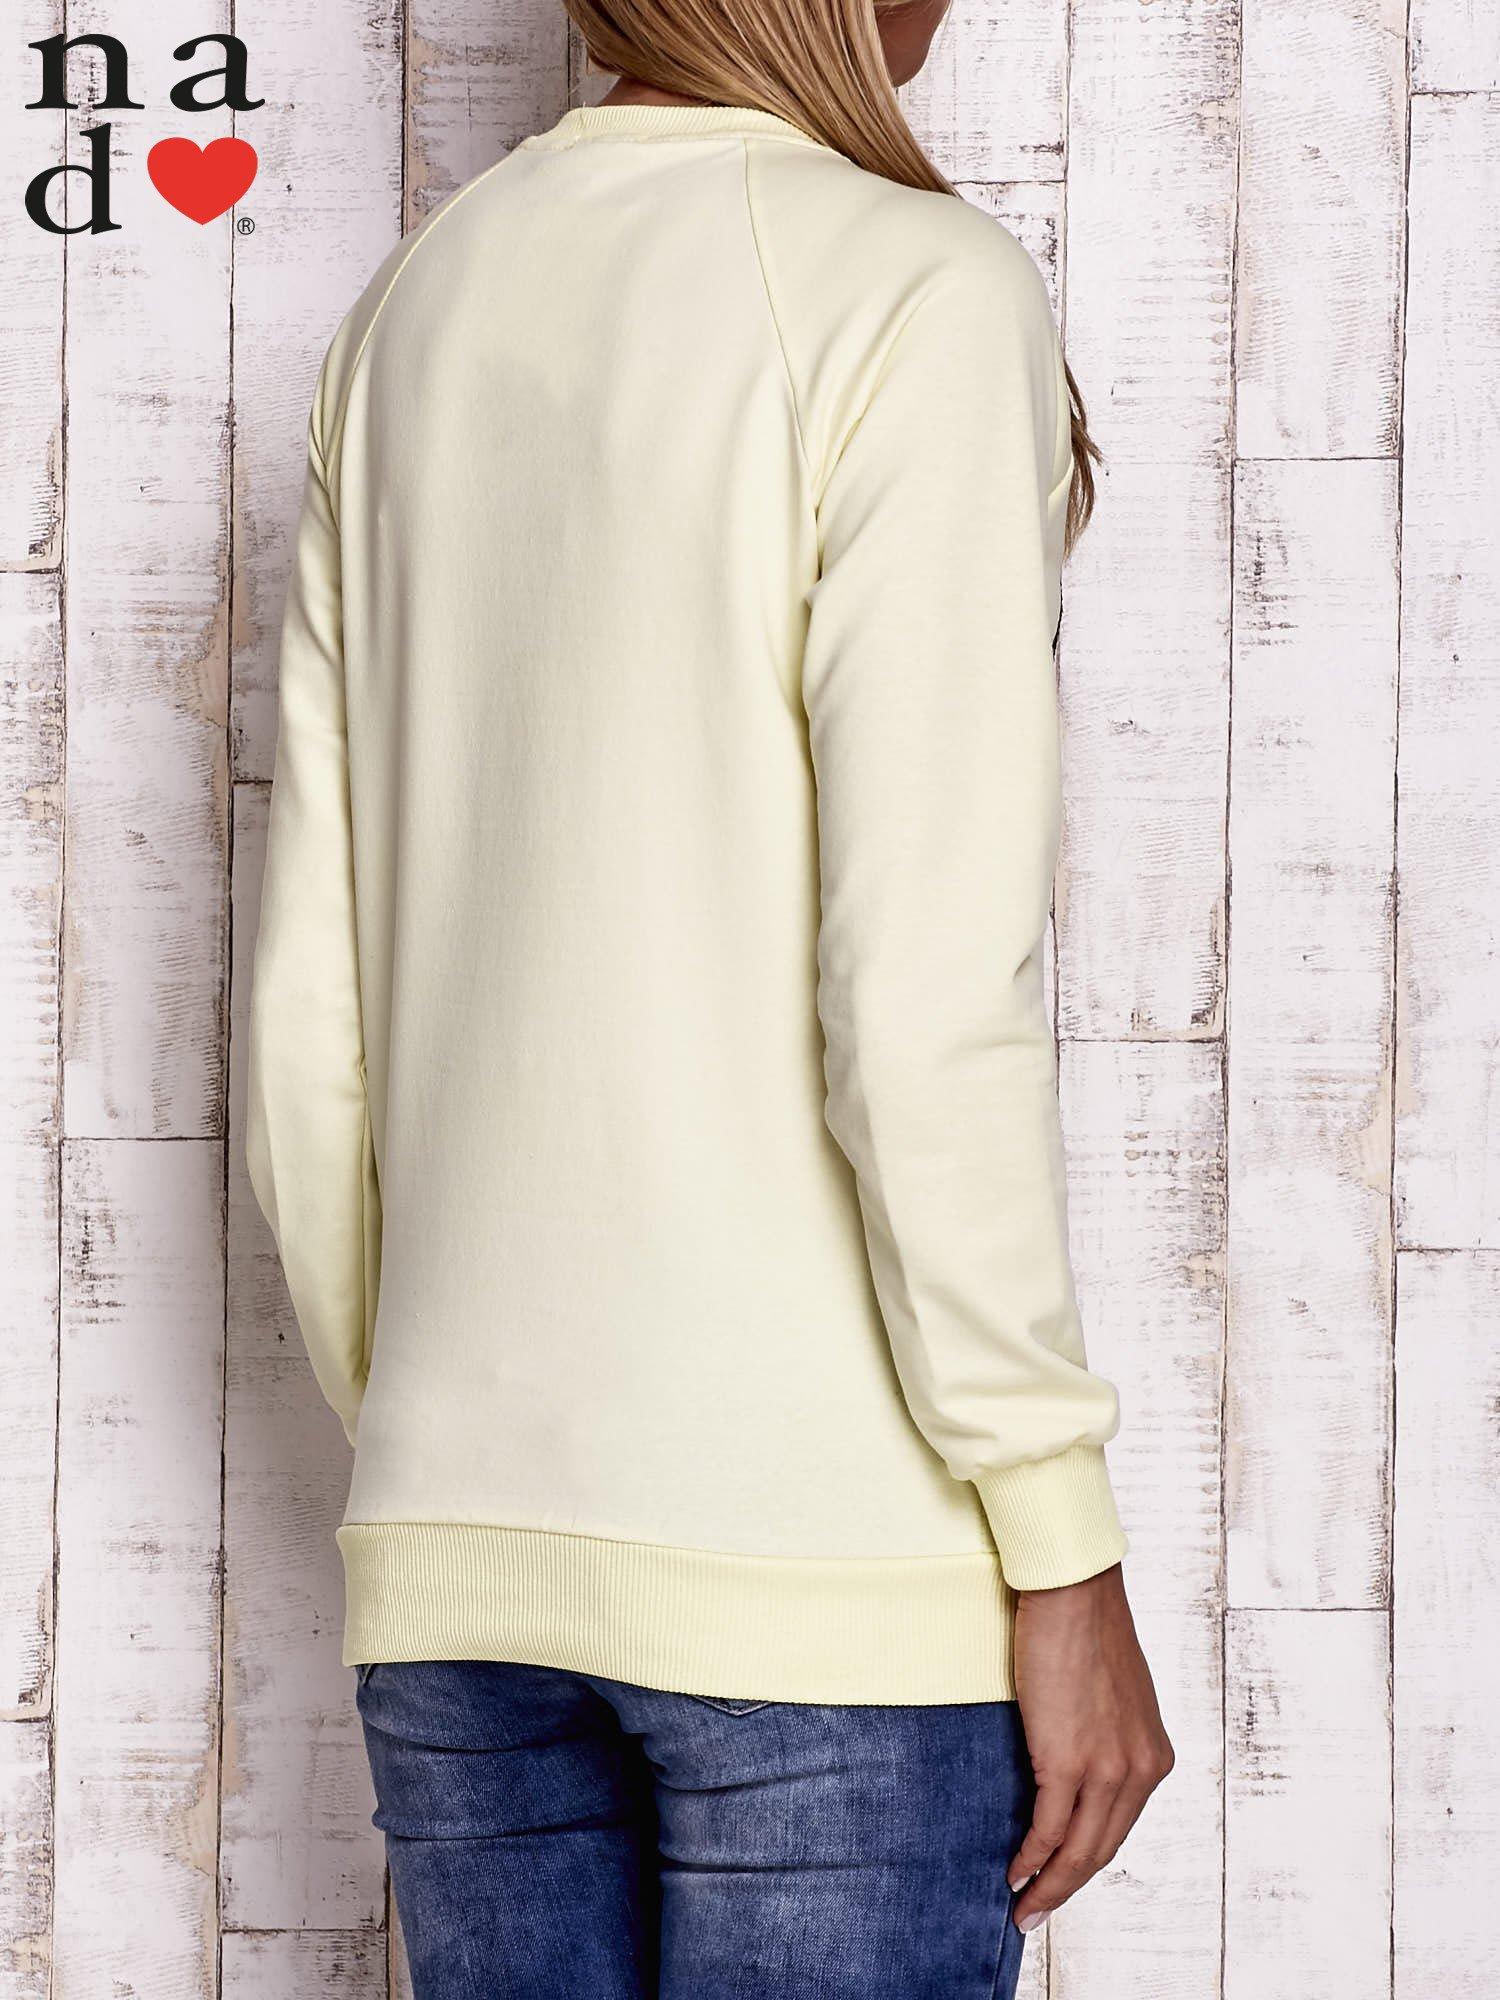 Żółta bluza z dwustronną naszywką z cekinów                                  zdj.                                  2